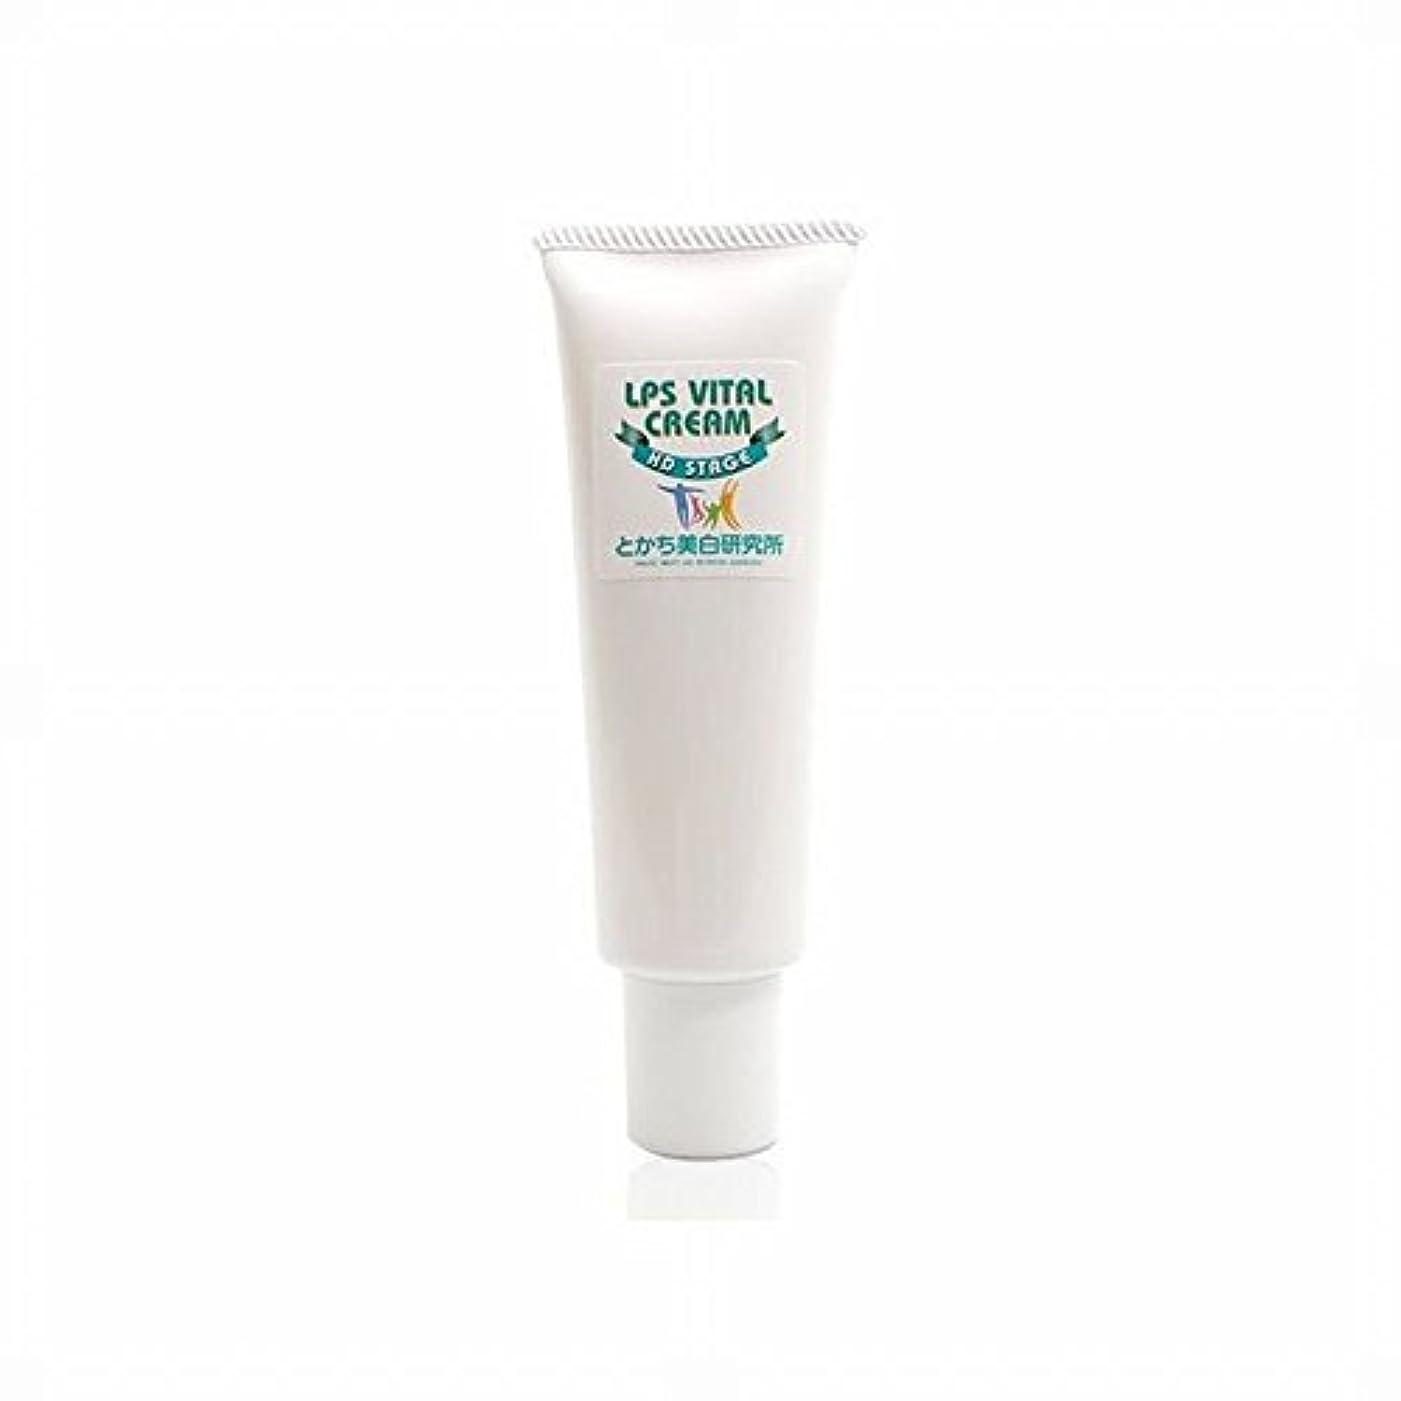 さらに構成する世論調査敏感肌 に LPS リポポリサッカライド 化粧品 LPSバイタル クリーム HDステージ 50g パラベンフリー